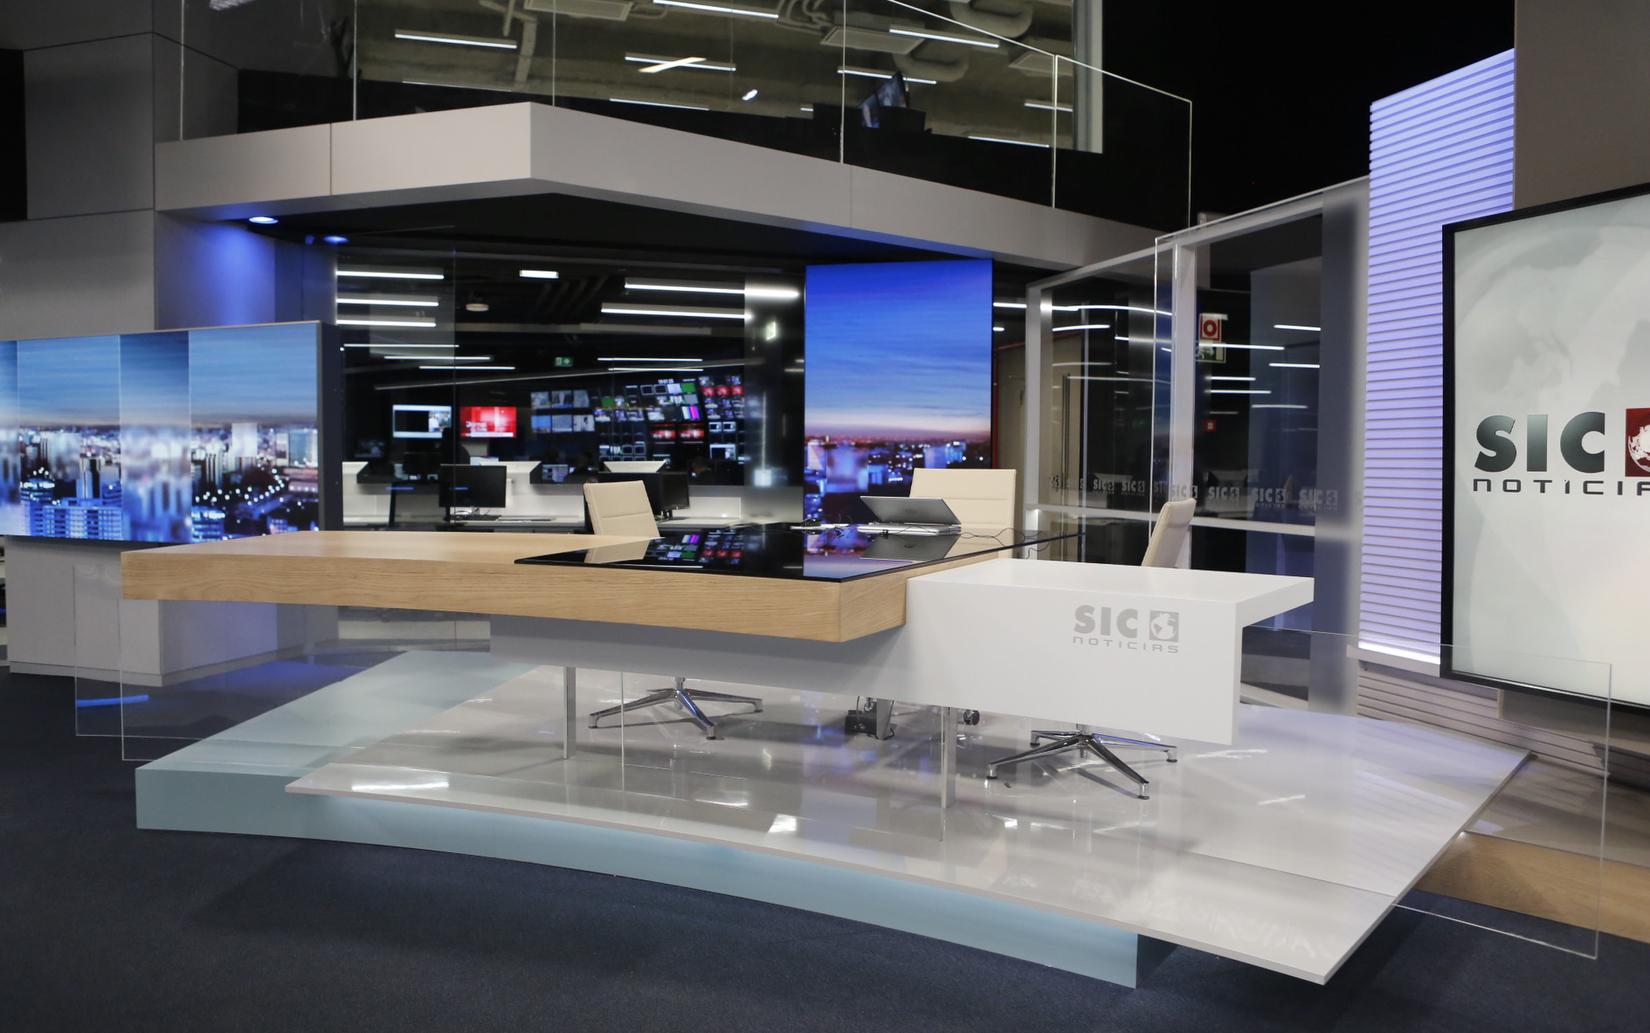 NCS_SIC-Noticias-EStudio-2019_0014